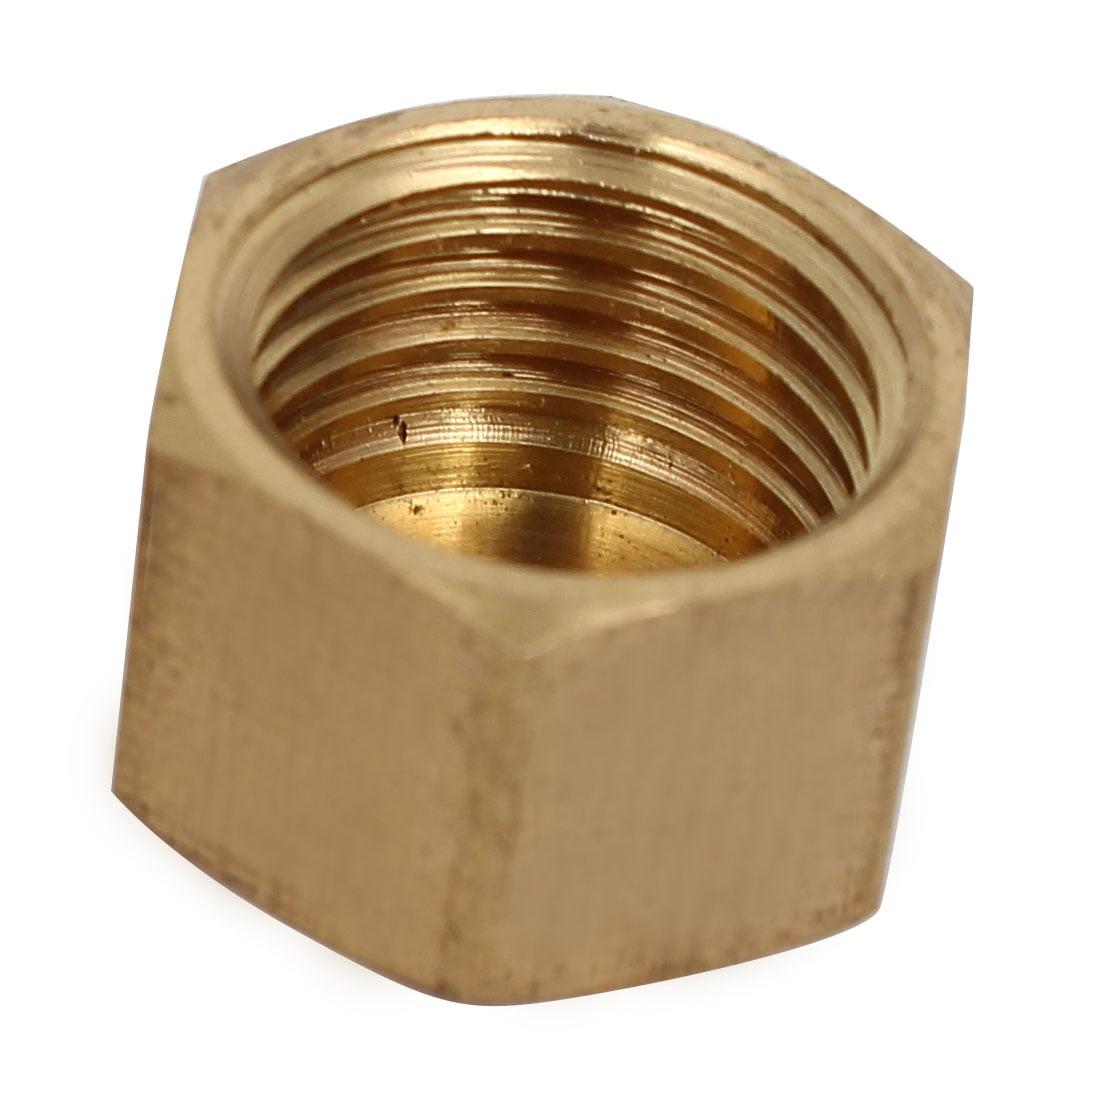 Unique Bargains1/4BSP Female Thread Brass Hex Head Pipe Cap Cover Fitting 2pcs - image 1 of 2